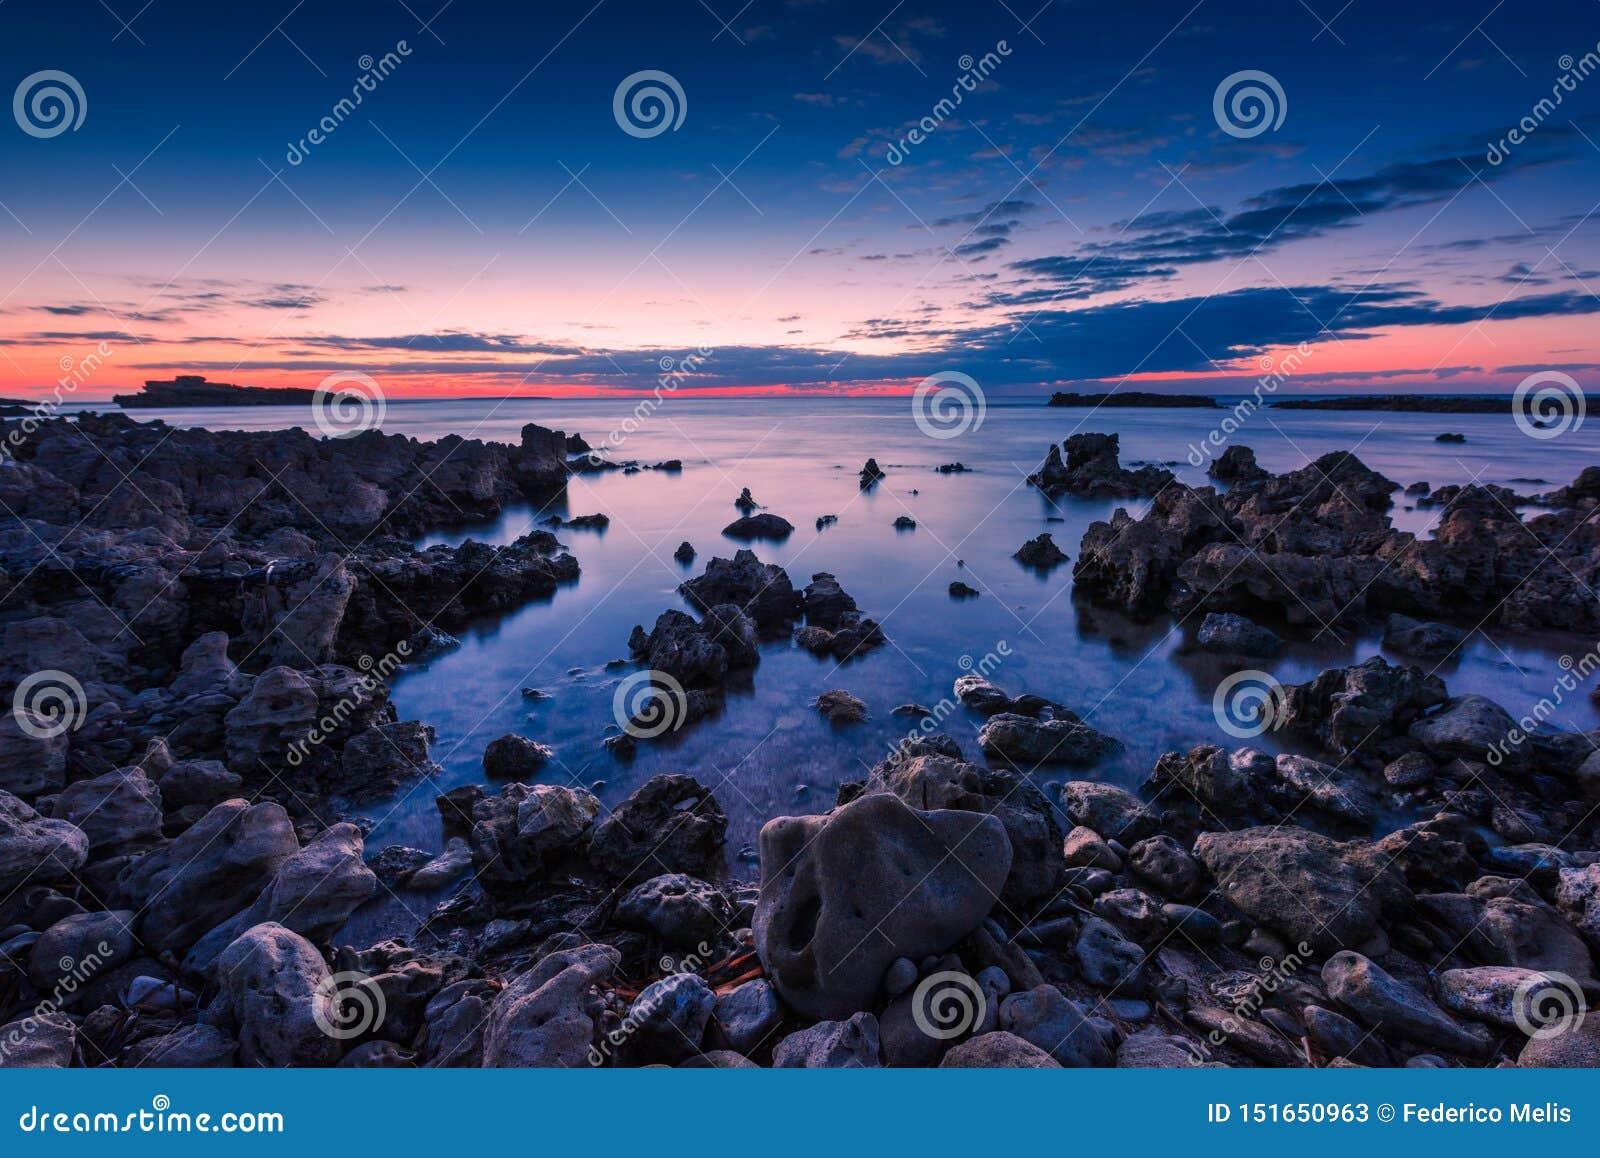 Blauw uur bij het overzees in de westkust van Sardinige, Italië